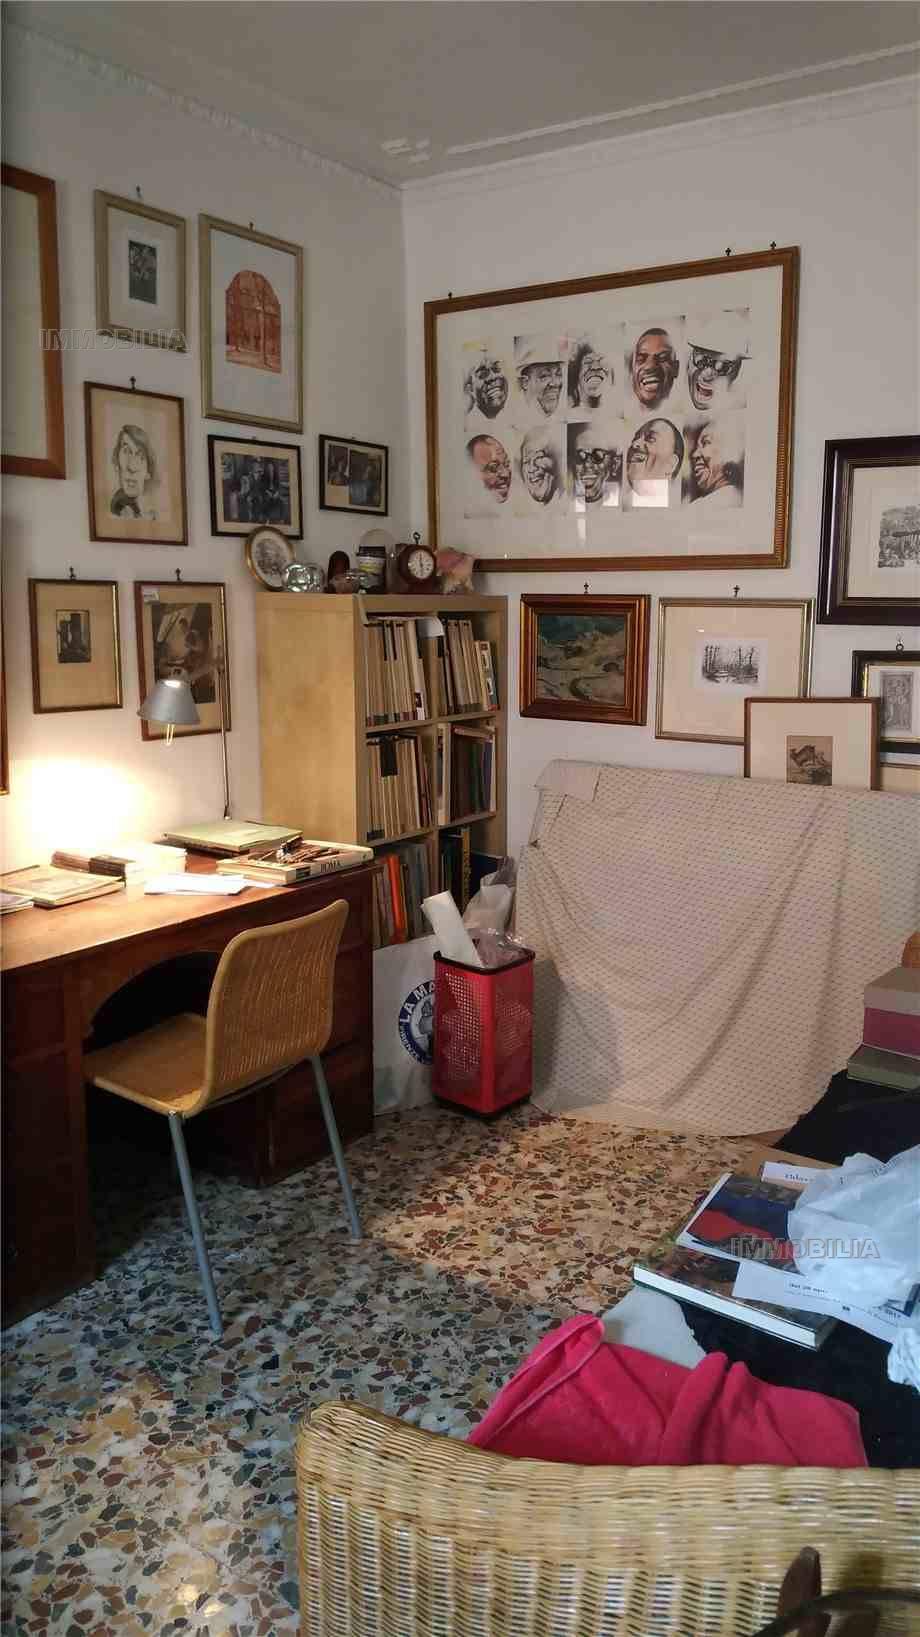 For sale Semi-detached house Sansepolcro  #459 n.5